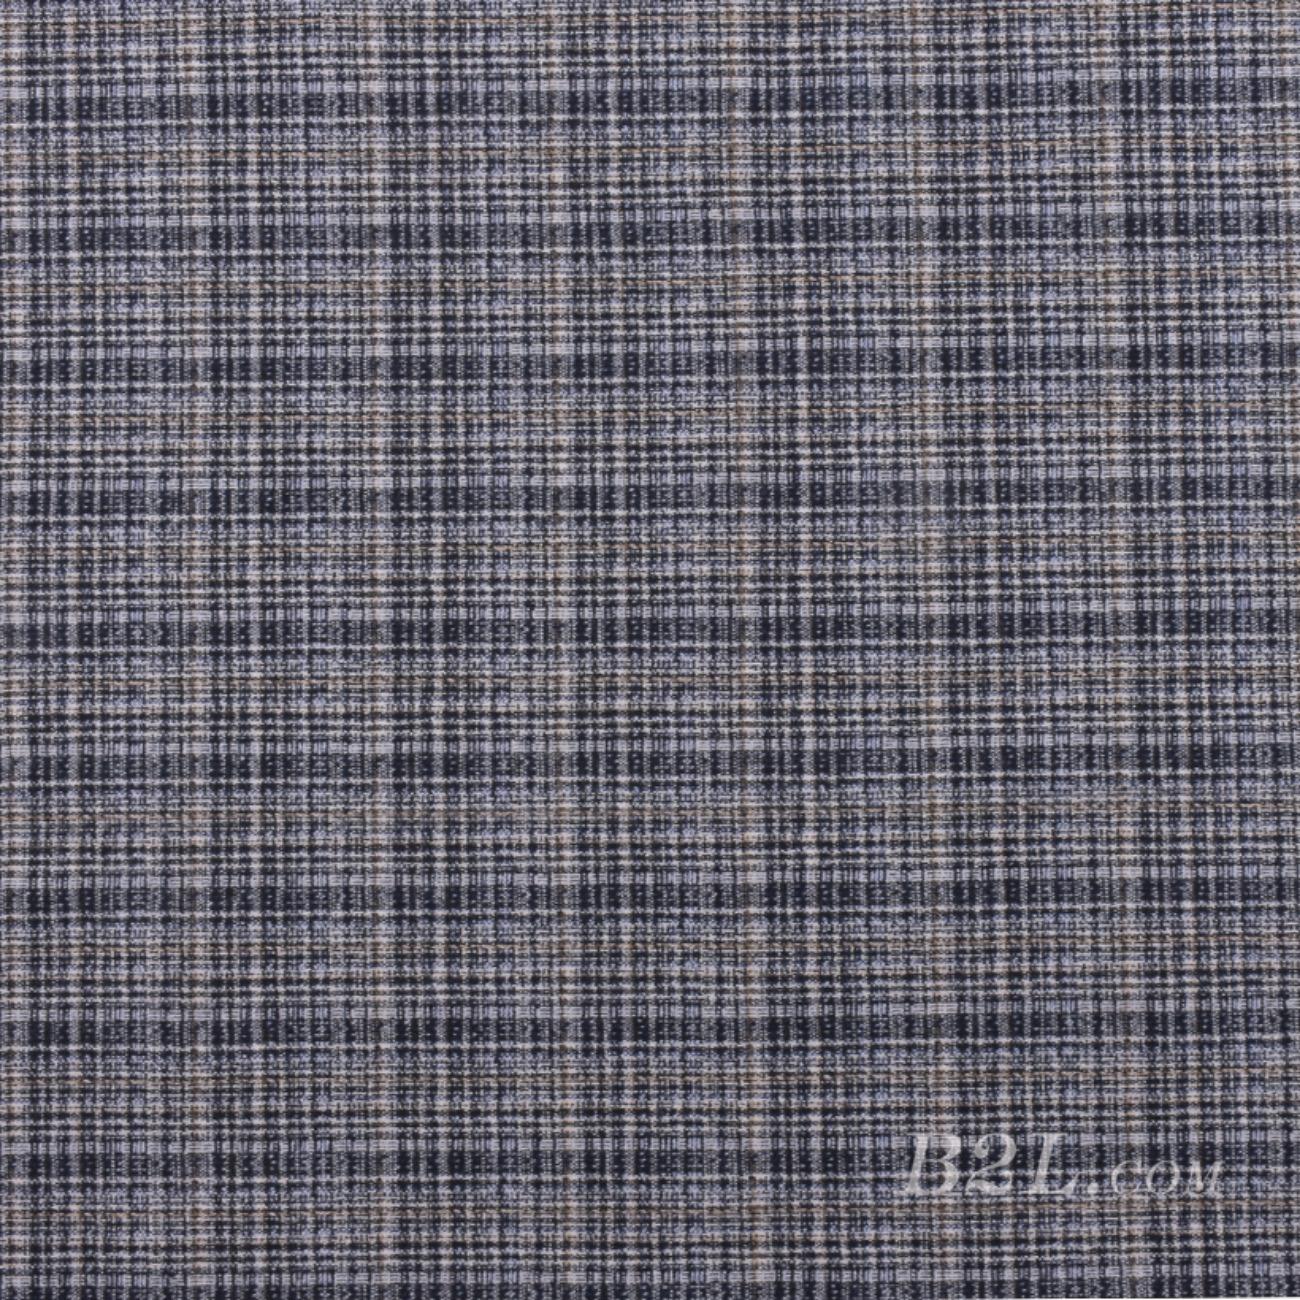 针织染色毛纺格子面料-春秋冬大衣外套面料Z760